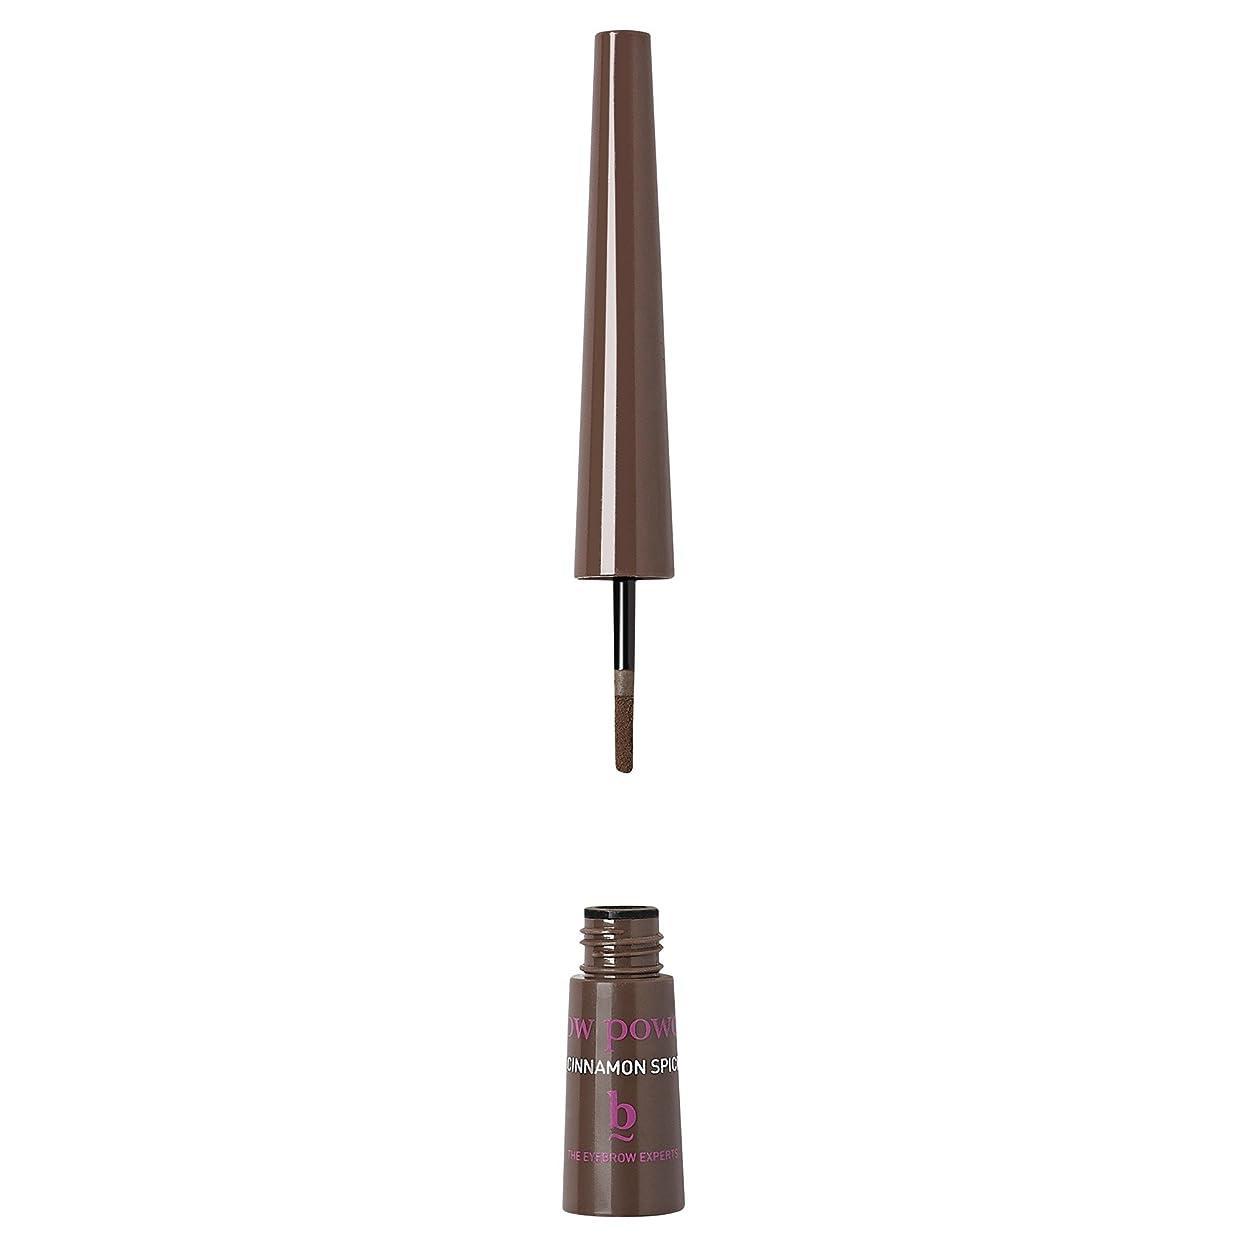 試用休憩するテクトニック眉パウダーシナモンスパイス0.7グラムBbr?wbar (bbr?wbar) (x6) - bbr?wbar Brow Powder Cinnamon Spice 0.7g (Pack of 6) [並行輸入品]